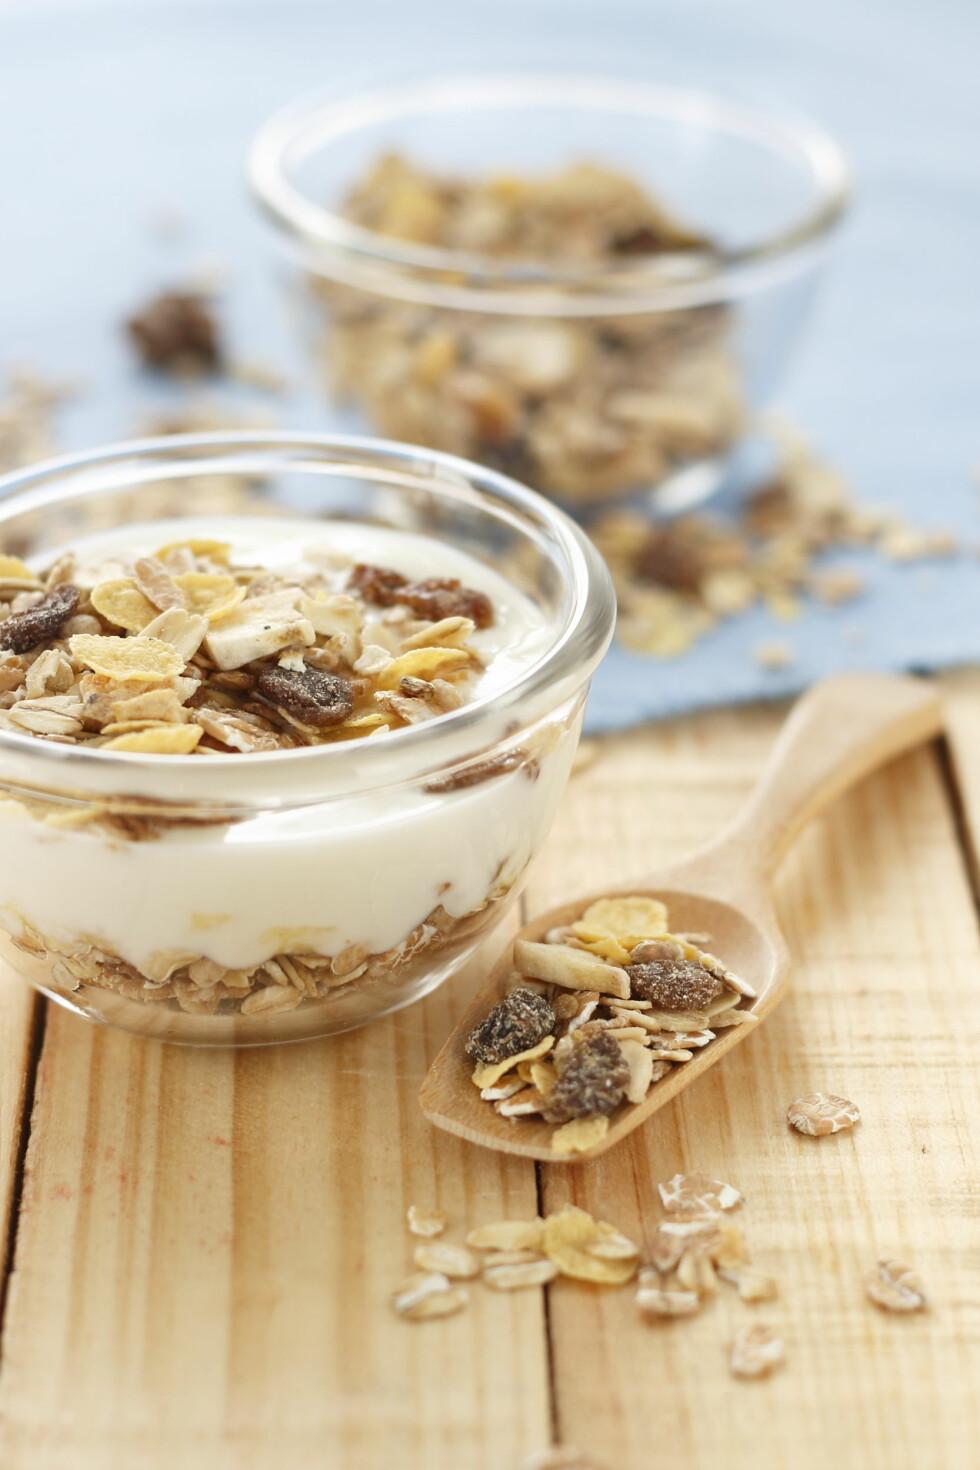 RASKT OG GODT: Ernæringsfysiolog Kari Bugge sikrer seg gode karbohydrater ved å spise yoghurt naturell med müsli som mellommåltid. Foto: Shutterstock